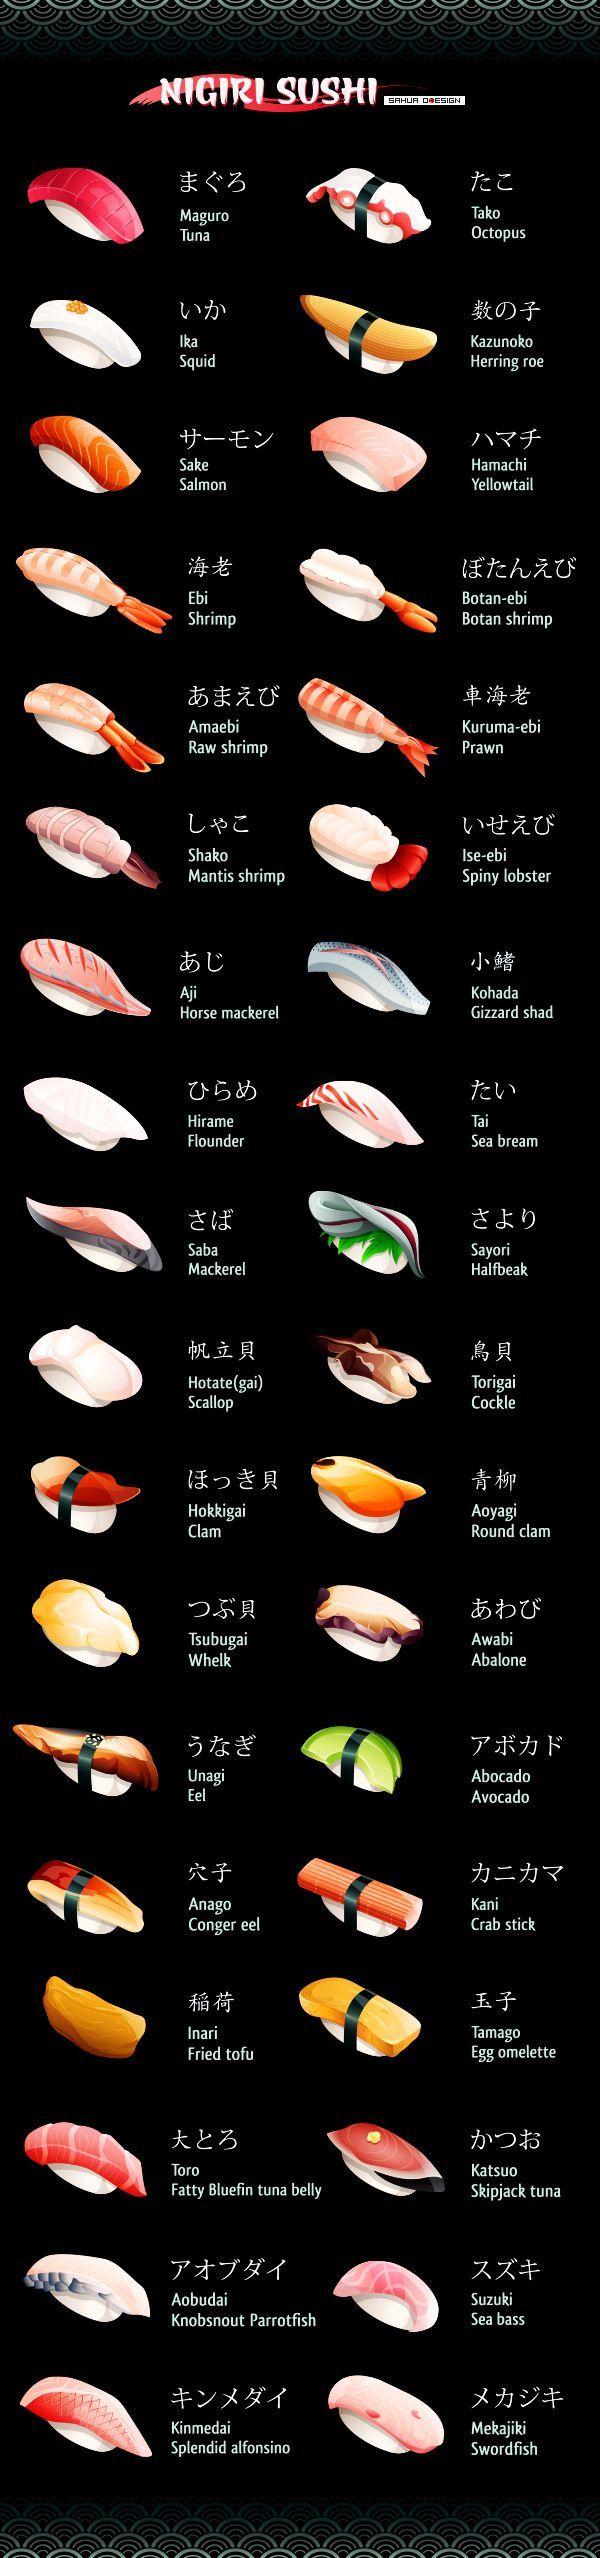 Nigiri Sushi by sahua d #Infographic #Sushi #Nigiri  La comida japonesa también está representada en nuestro #trivial #gourmet #entrenatuneurona #juegos | https://lomejordelaweb.es/